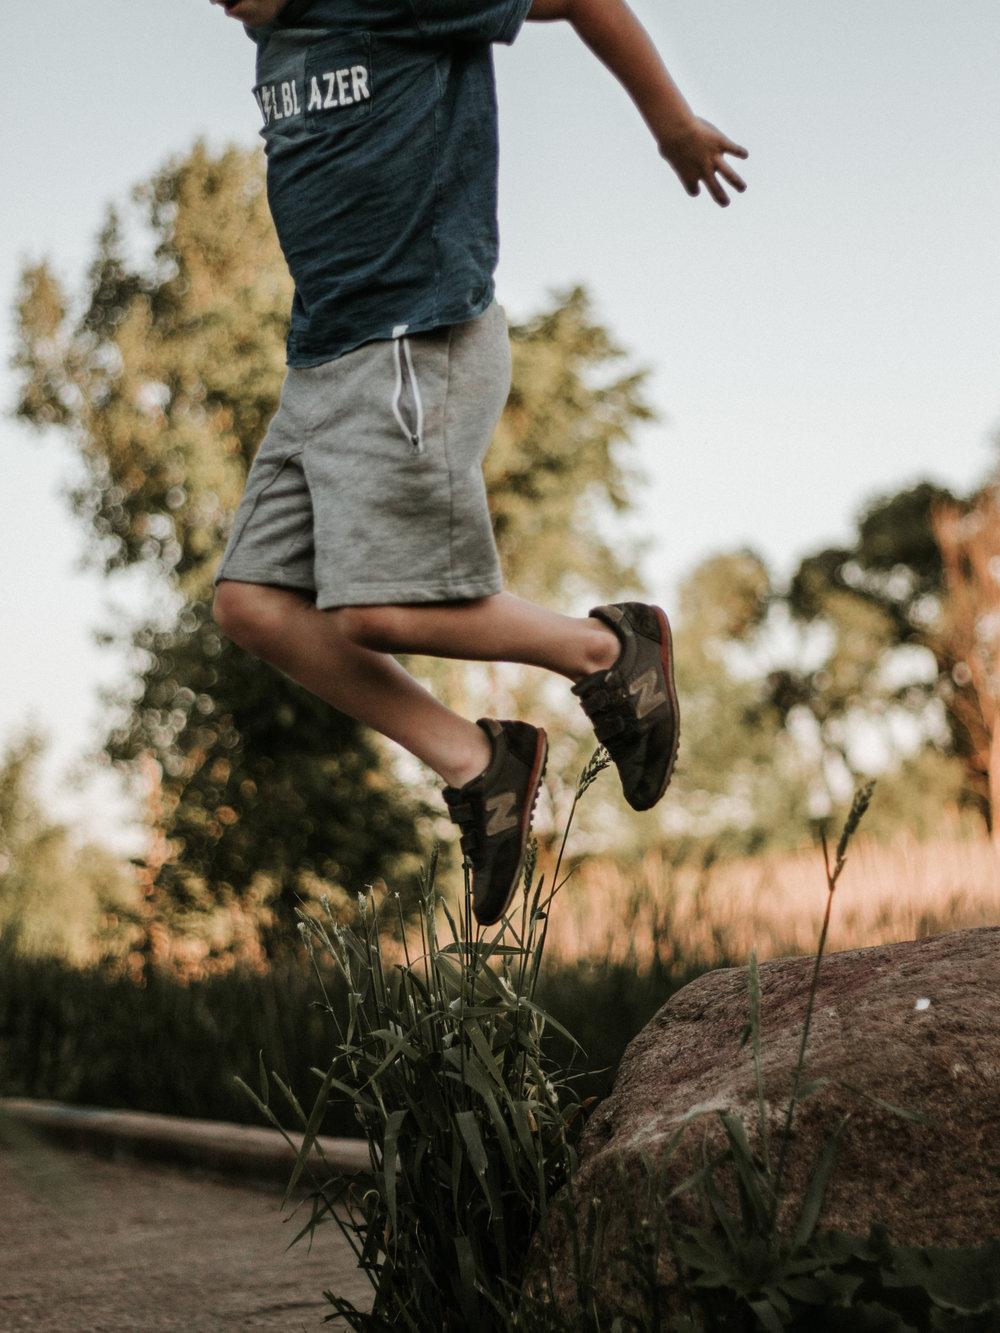 august 24. jump